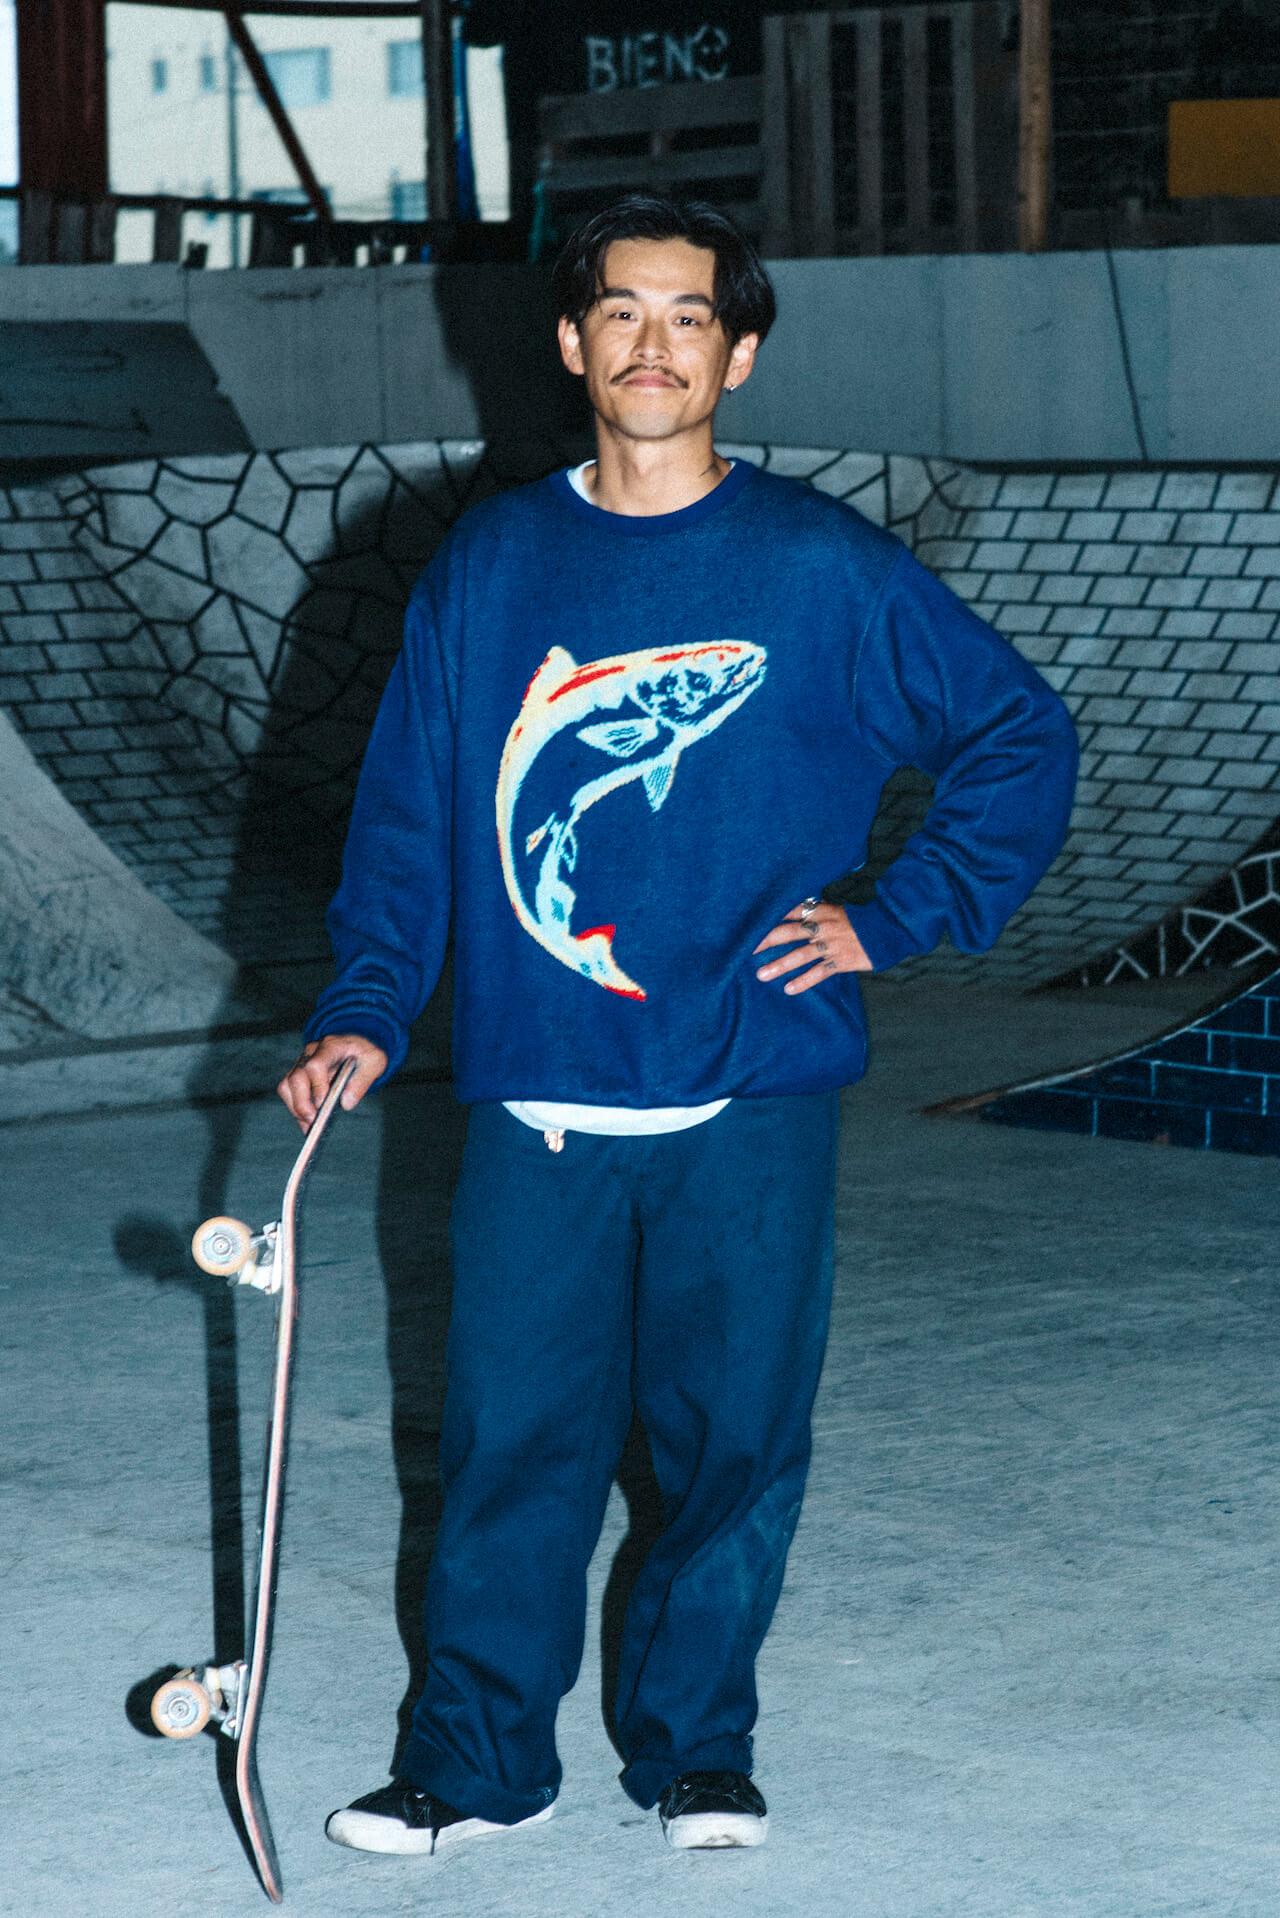 PSEUDOSとCHAOS FISHING CLUBの新作が発売に|LOOKのモデルは丸山晋太郎、撮影は堀裕輝、荒川晋作 life-fashion210724_PSEUDOS_CHAOS-FISHING-CLUB_2